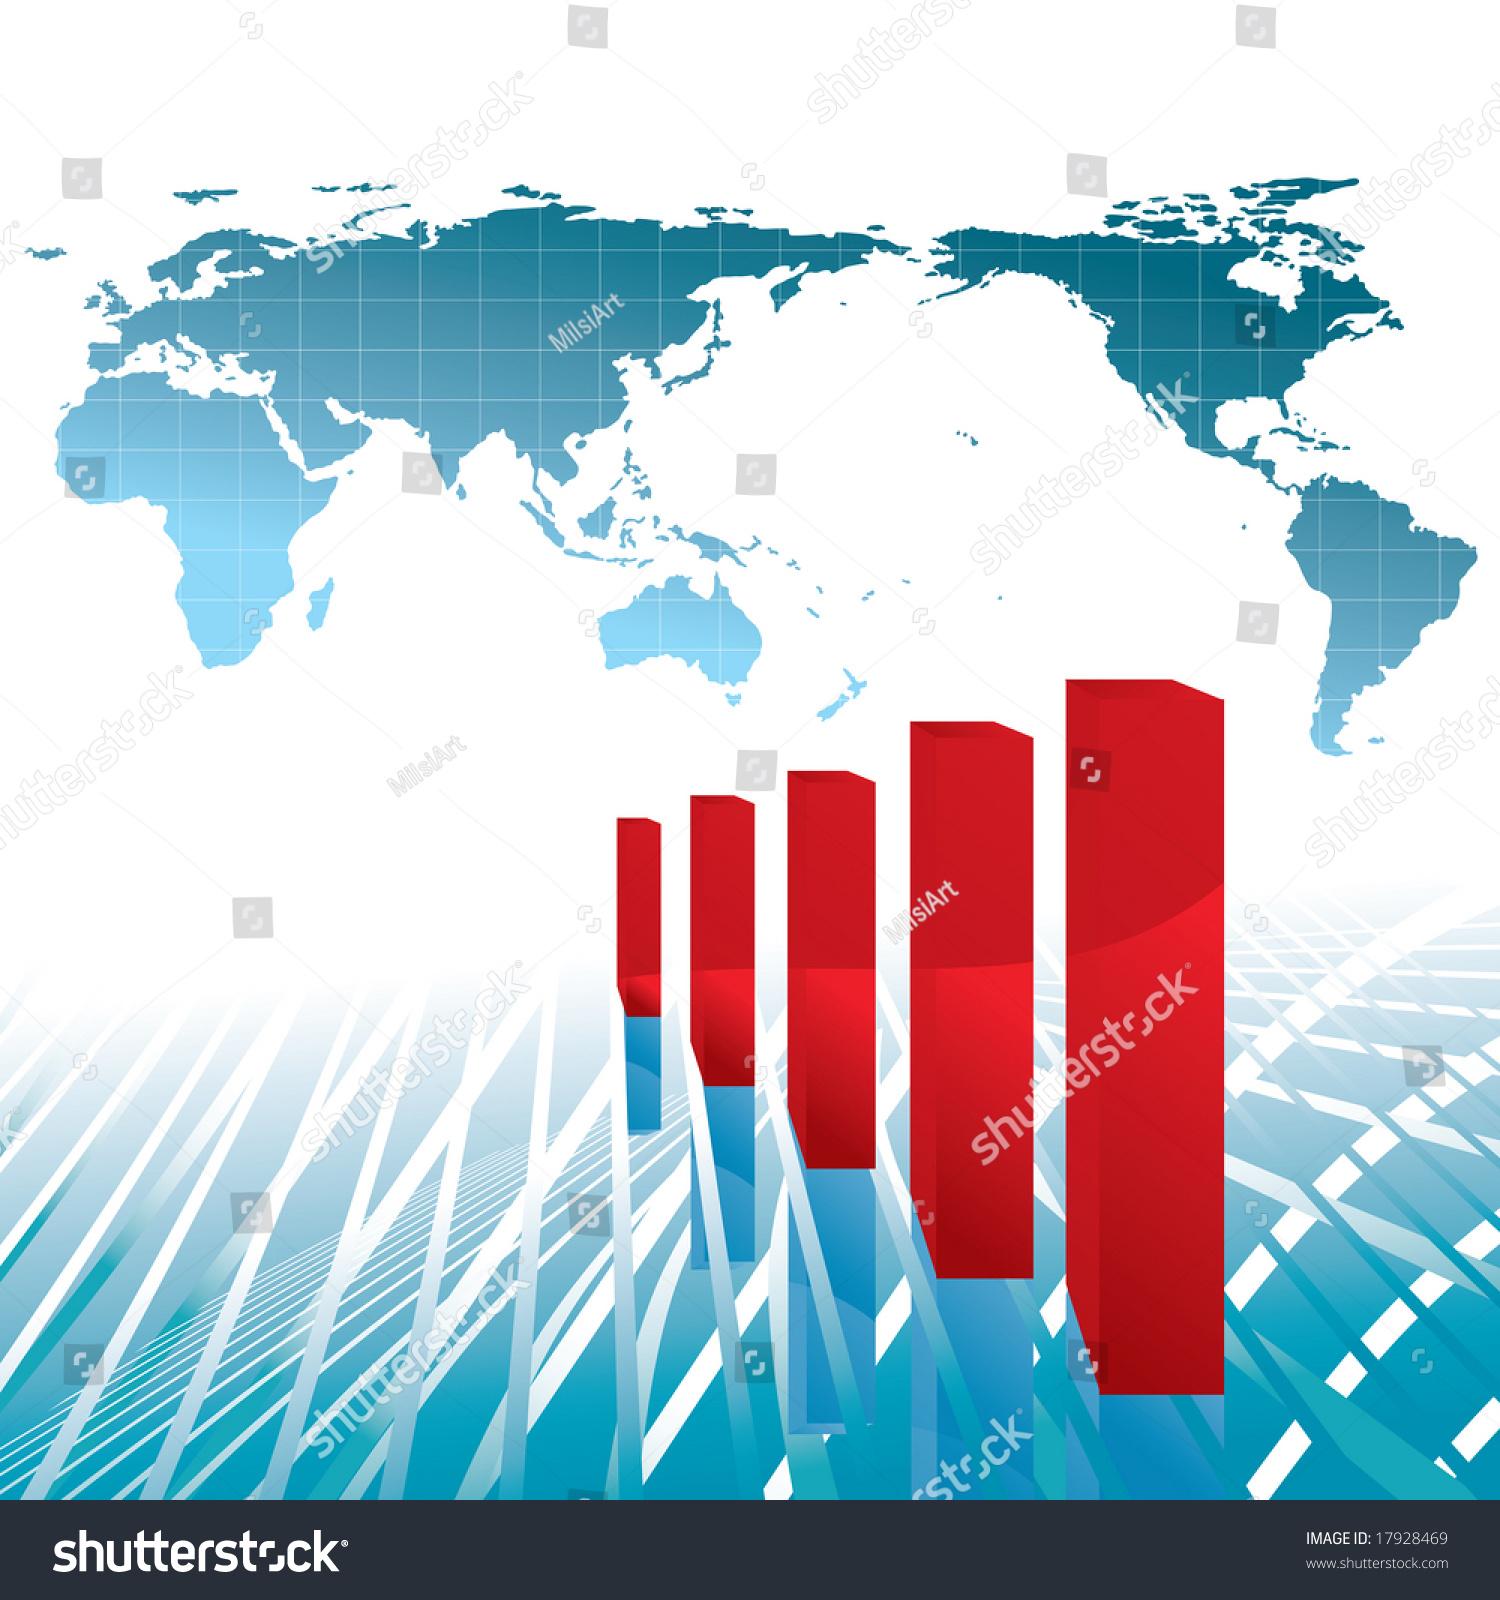 World Economy Growth Chart Illustration Base Stock Illustration